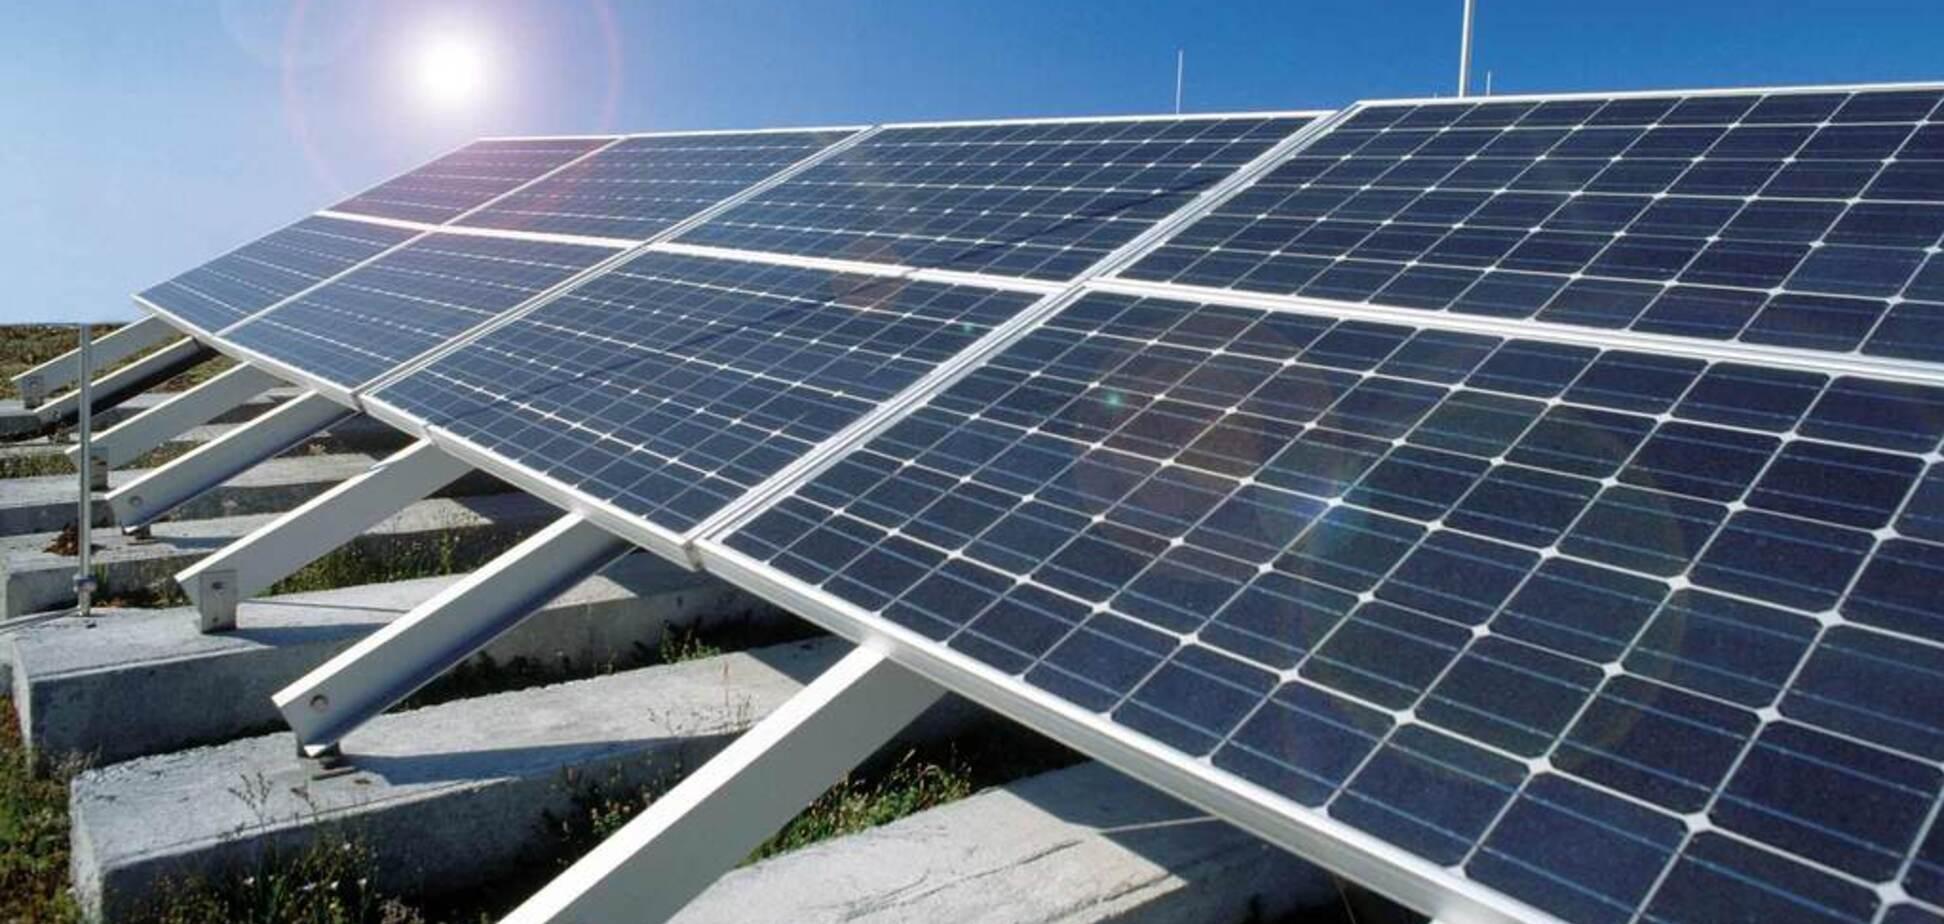 Мировые рекордсмены: назван список крупнейших производителей солнечных панелей